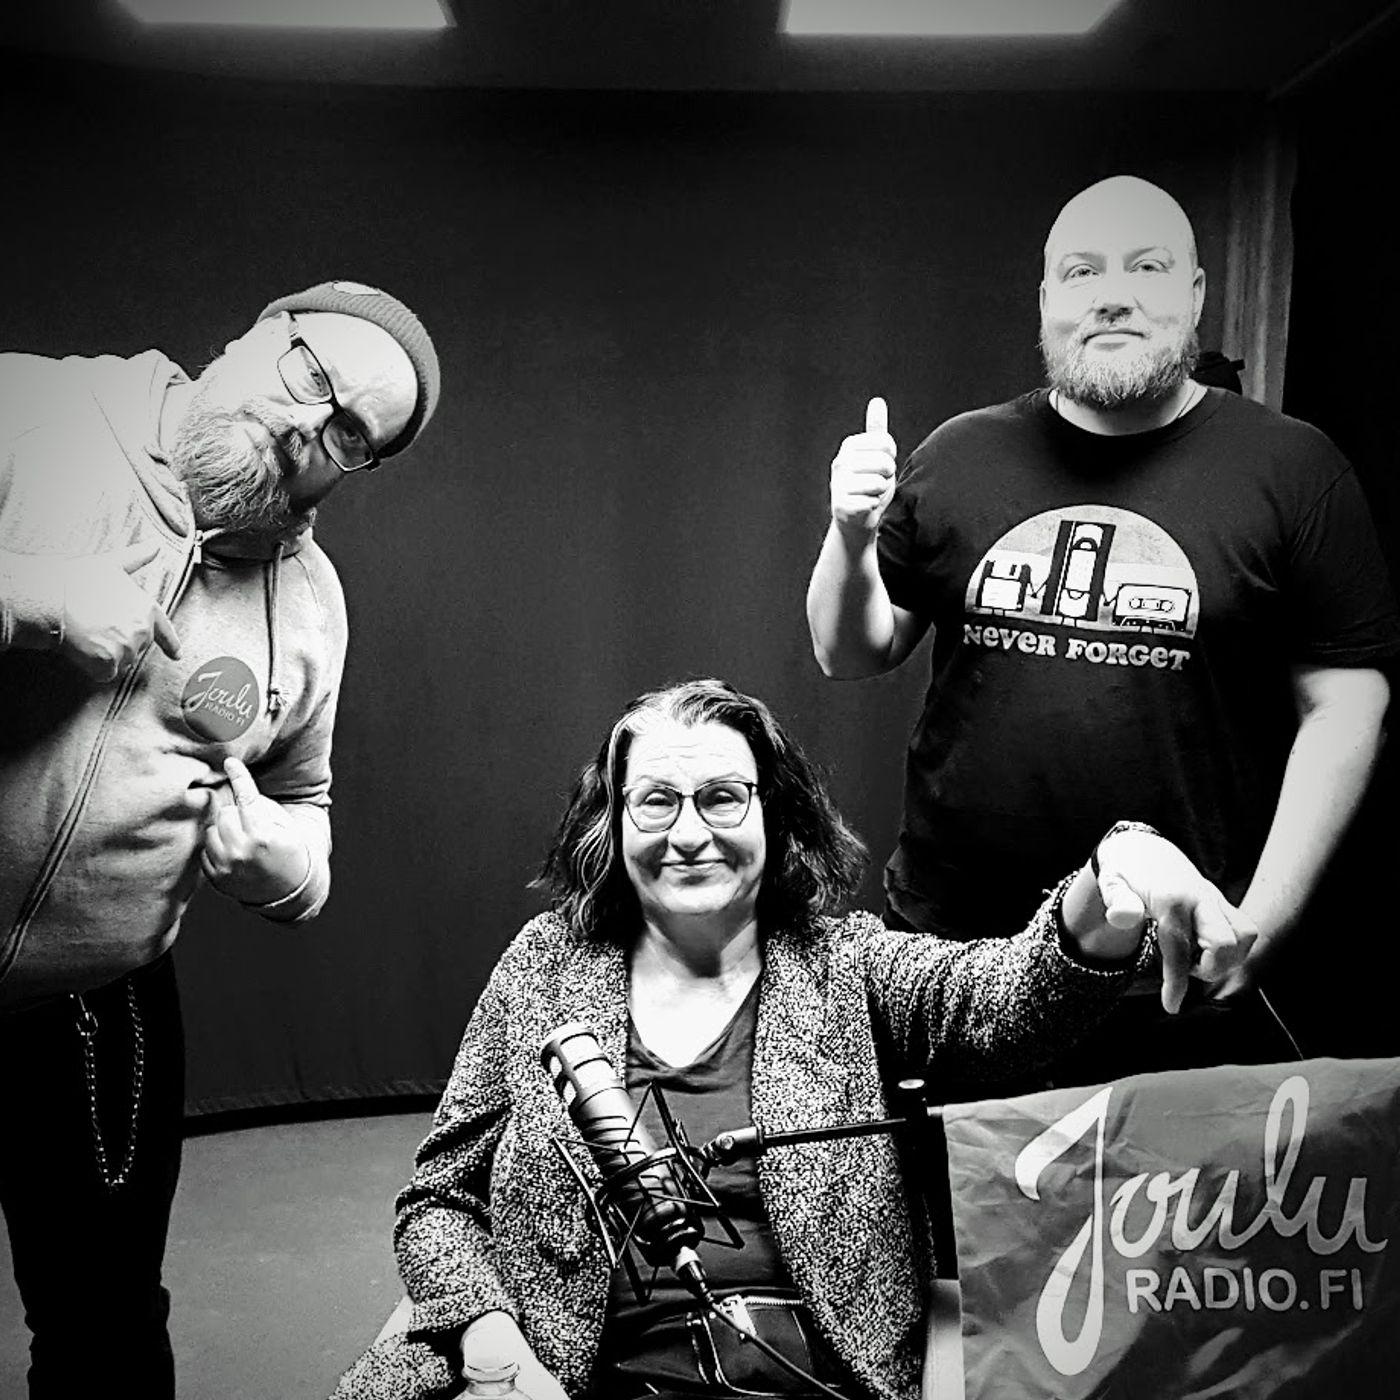 #56 - Joulumuori revisited: Riitta Kalliorinne Jouluradiosta